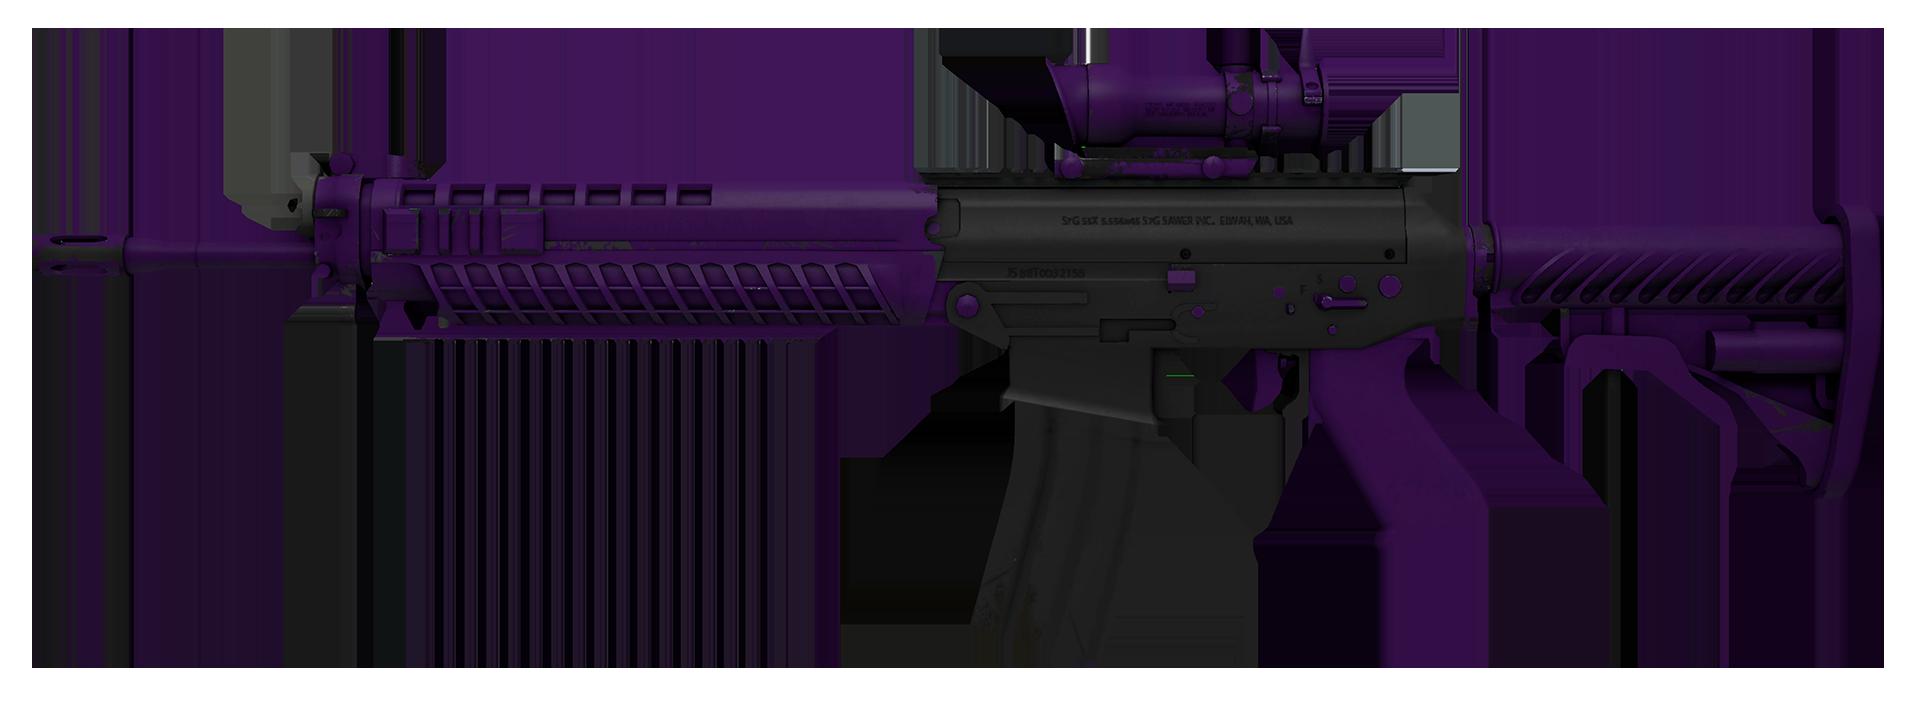 SG 553 Ultraviolet Large Rendering